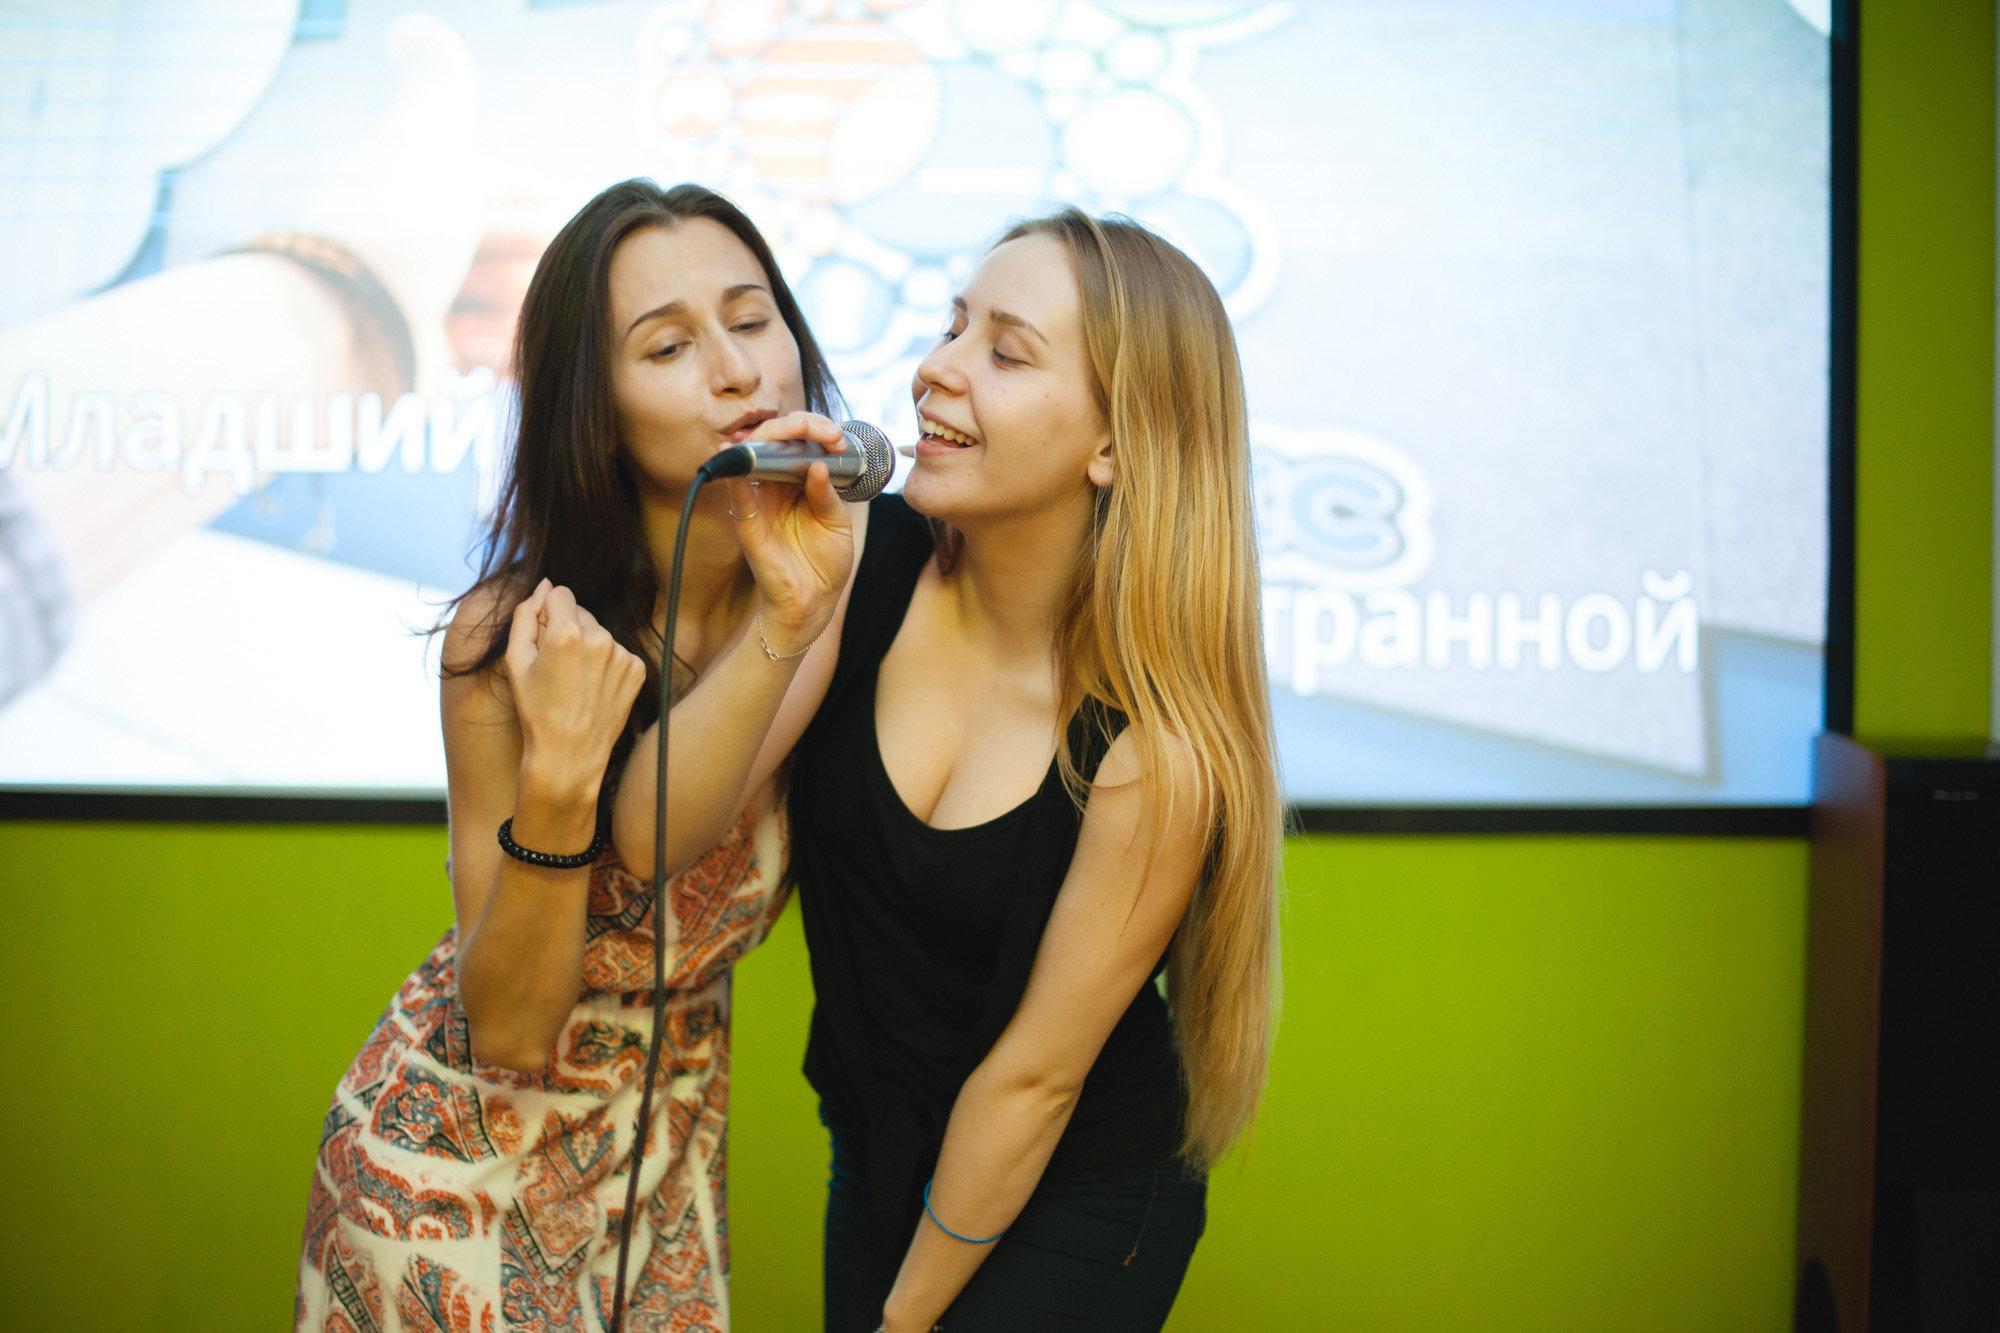 фотография Центр отдыха и развлечений в индивидуальных залах ДемоПлекс в ТРК Урал